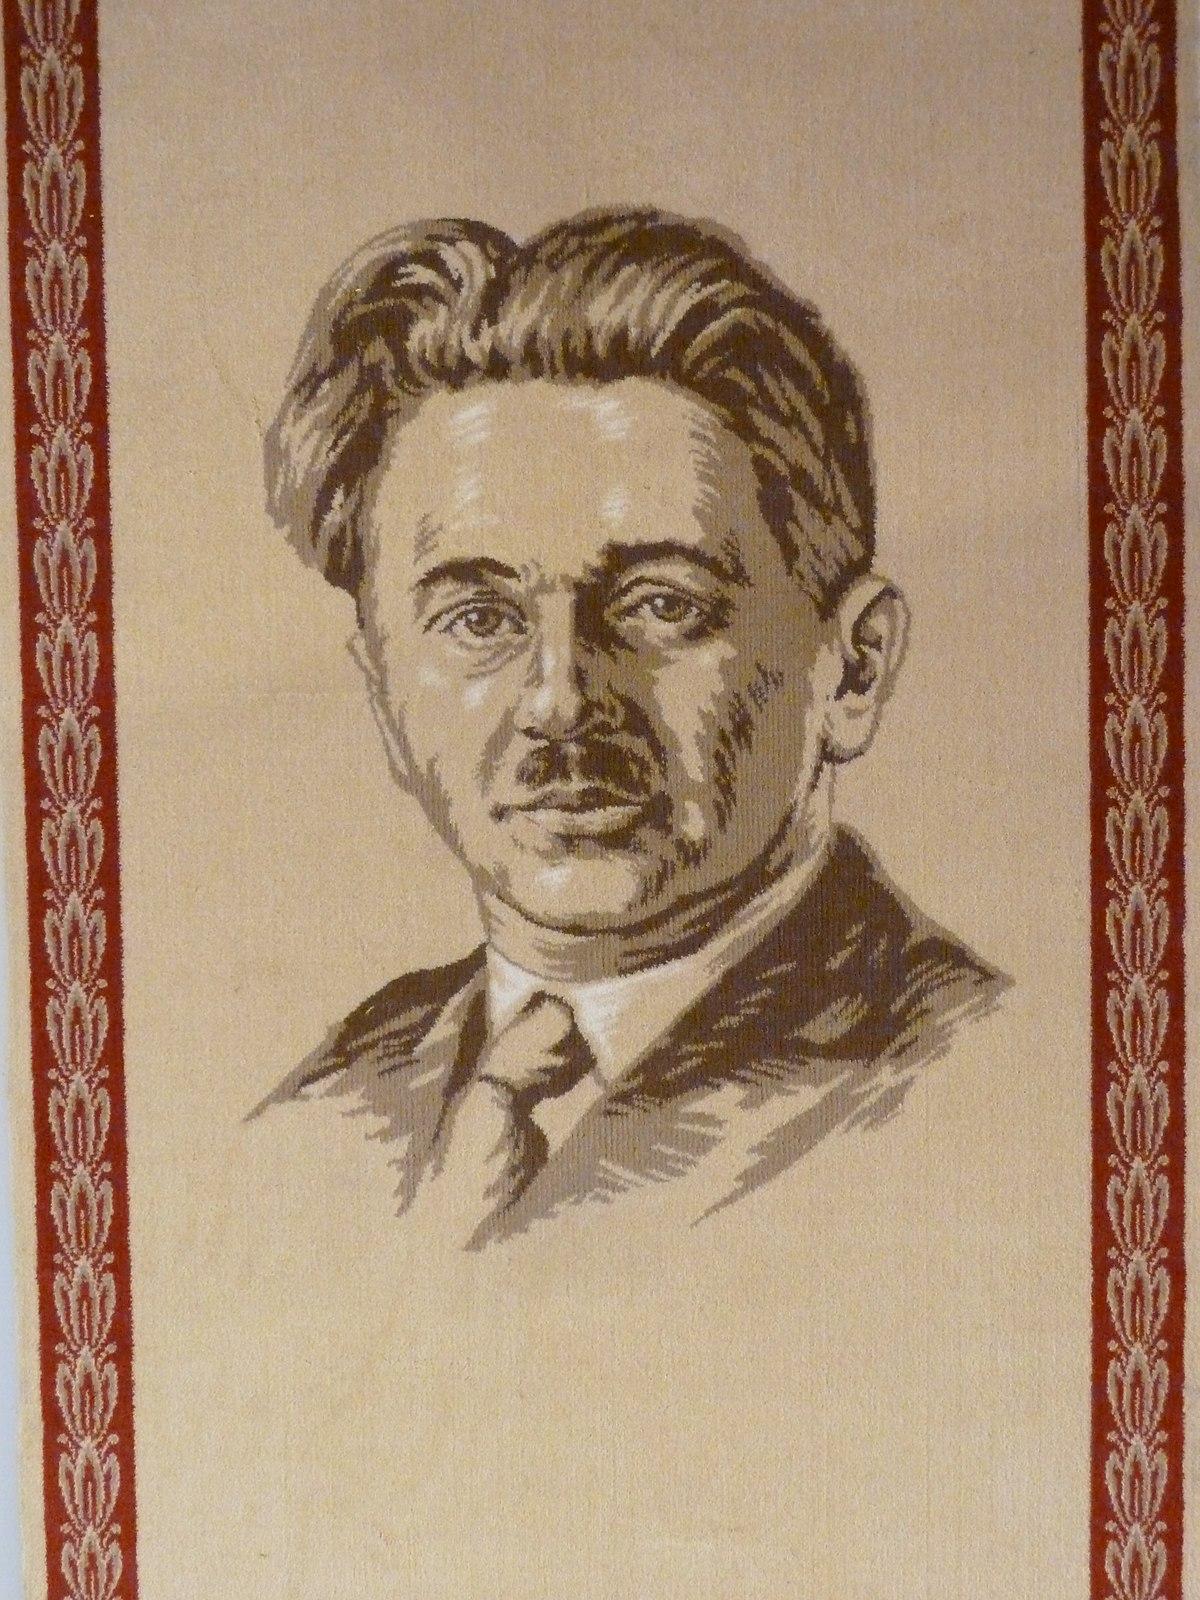 Fritz Heckert